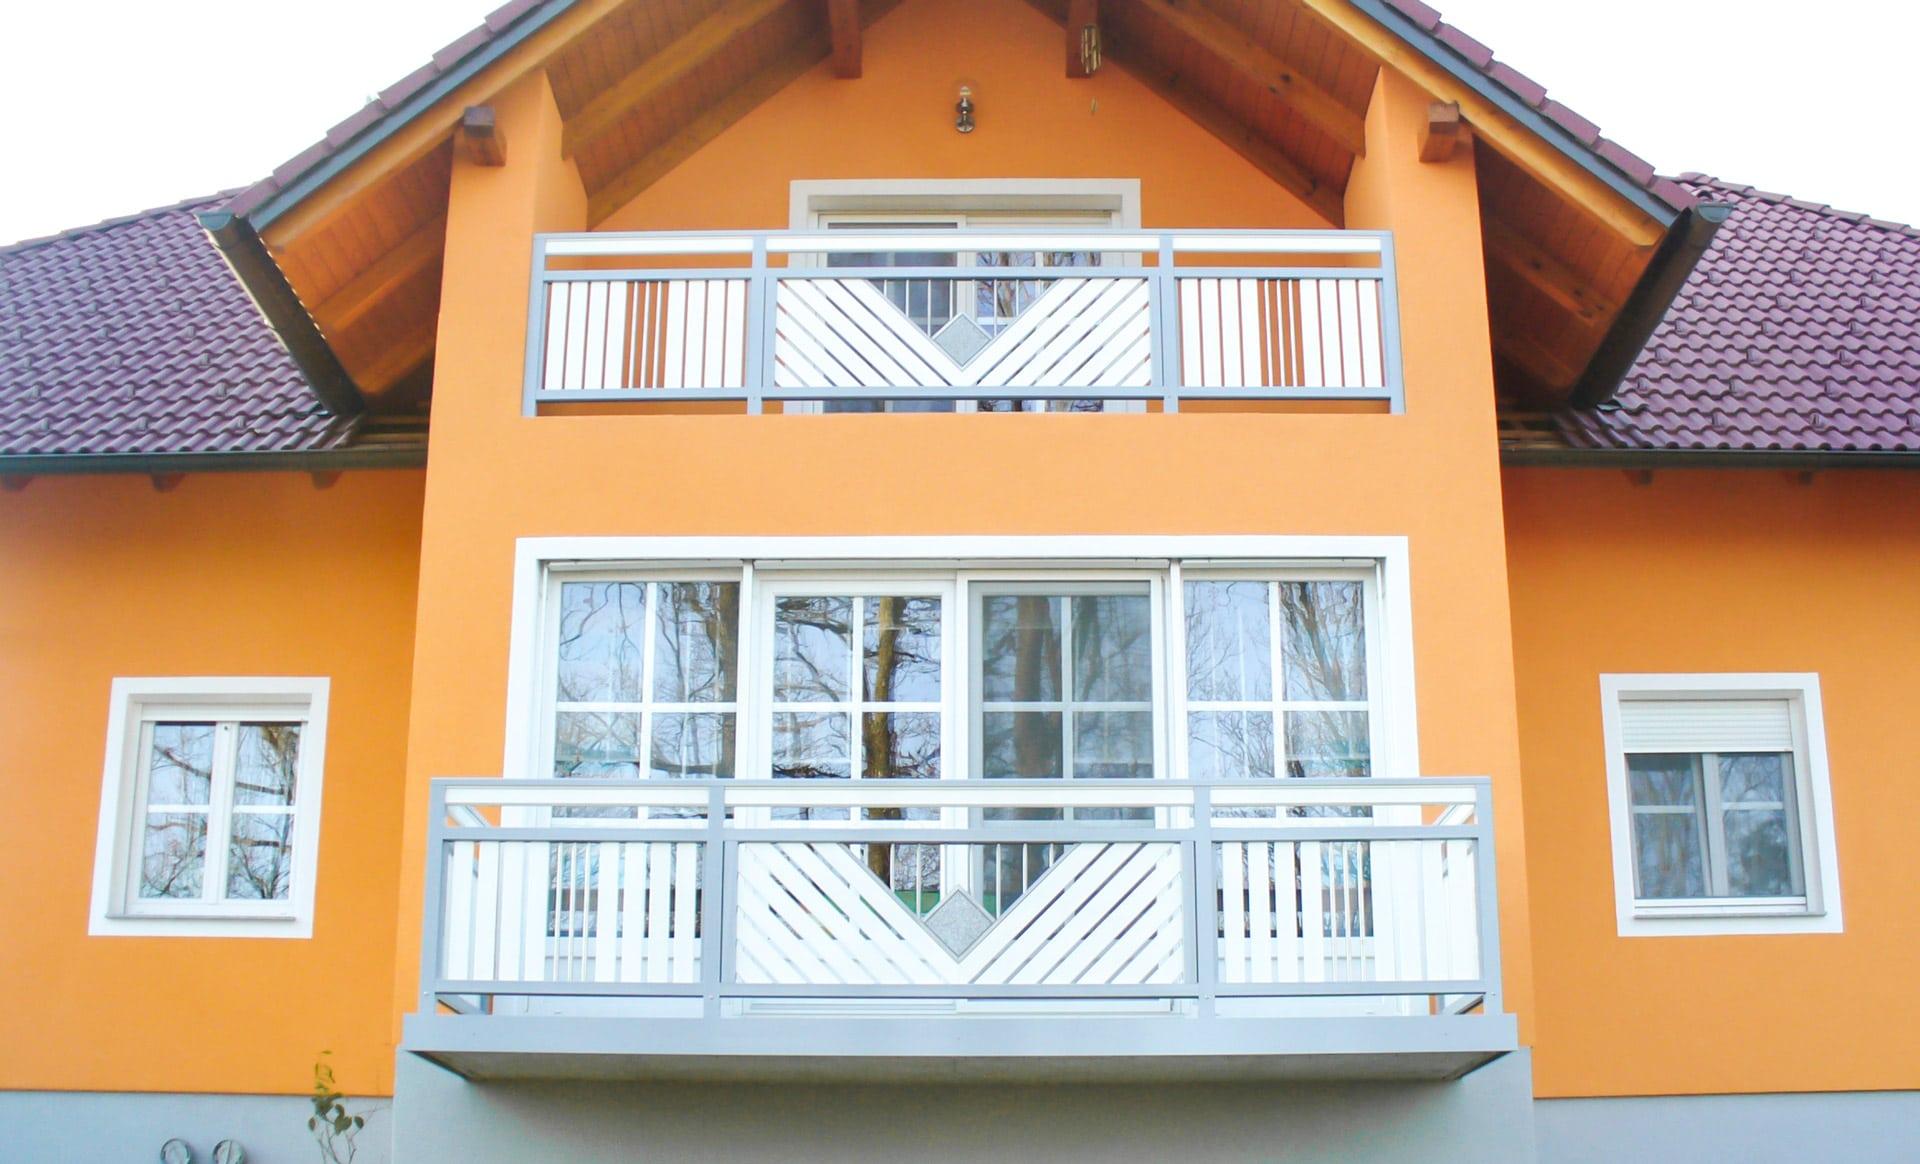 Saalfelden 05 | Aluminium-Geländer grau weiß mit Stein und Edelstahl bei orangem Haus | Svoboda